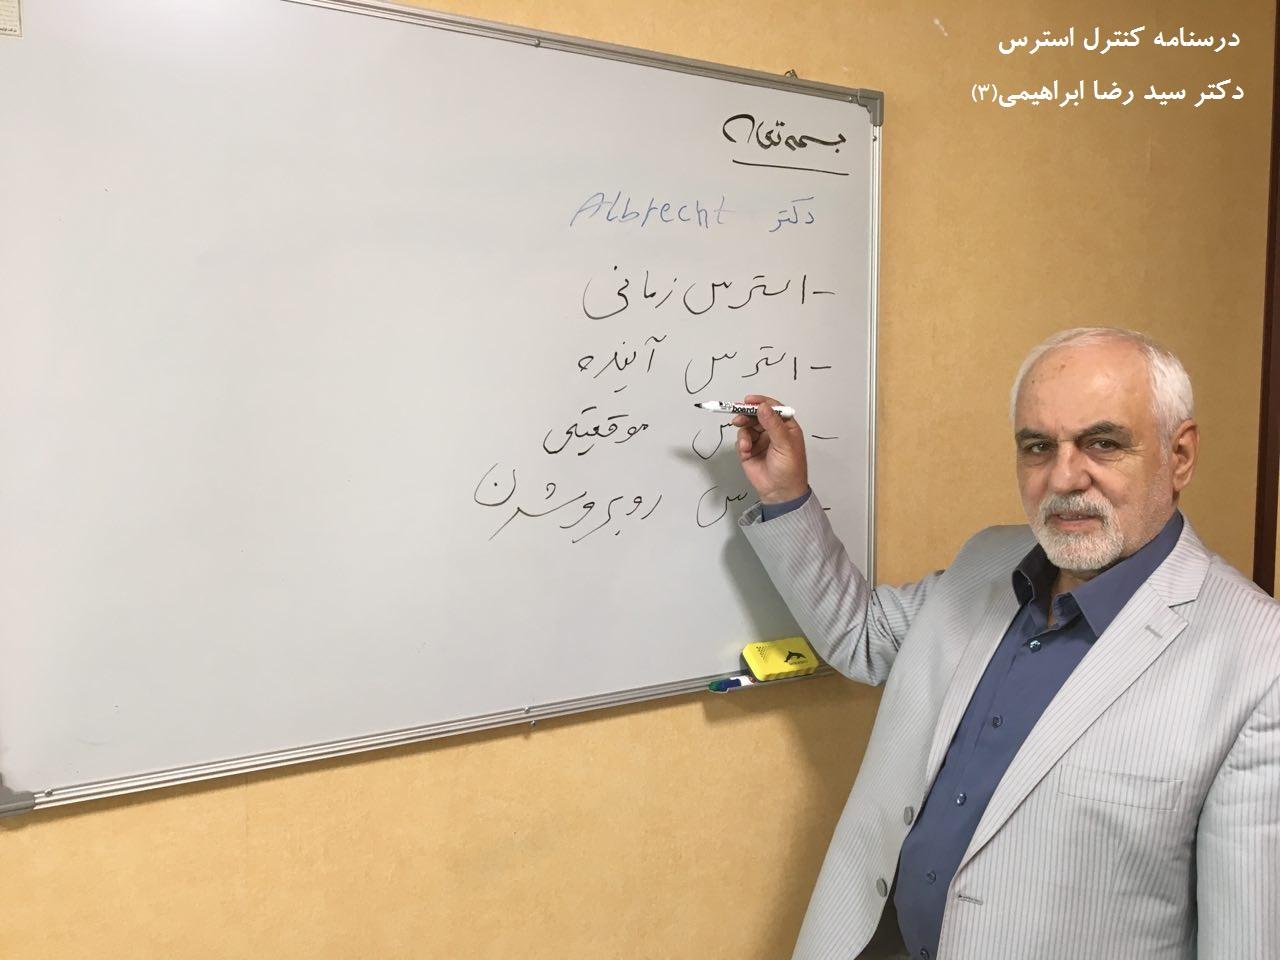 درسنامه کنترل استرس دکتر سید رضا ابراهیمی 3